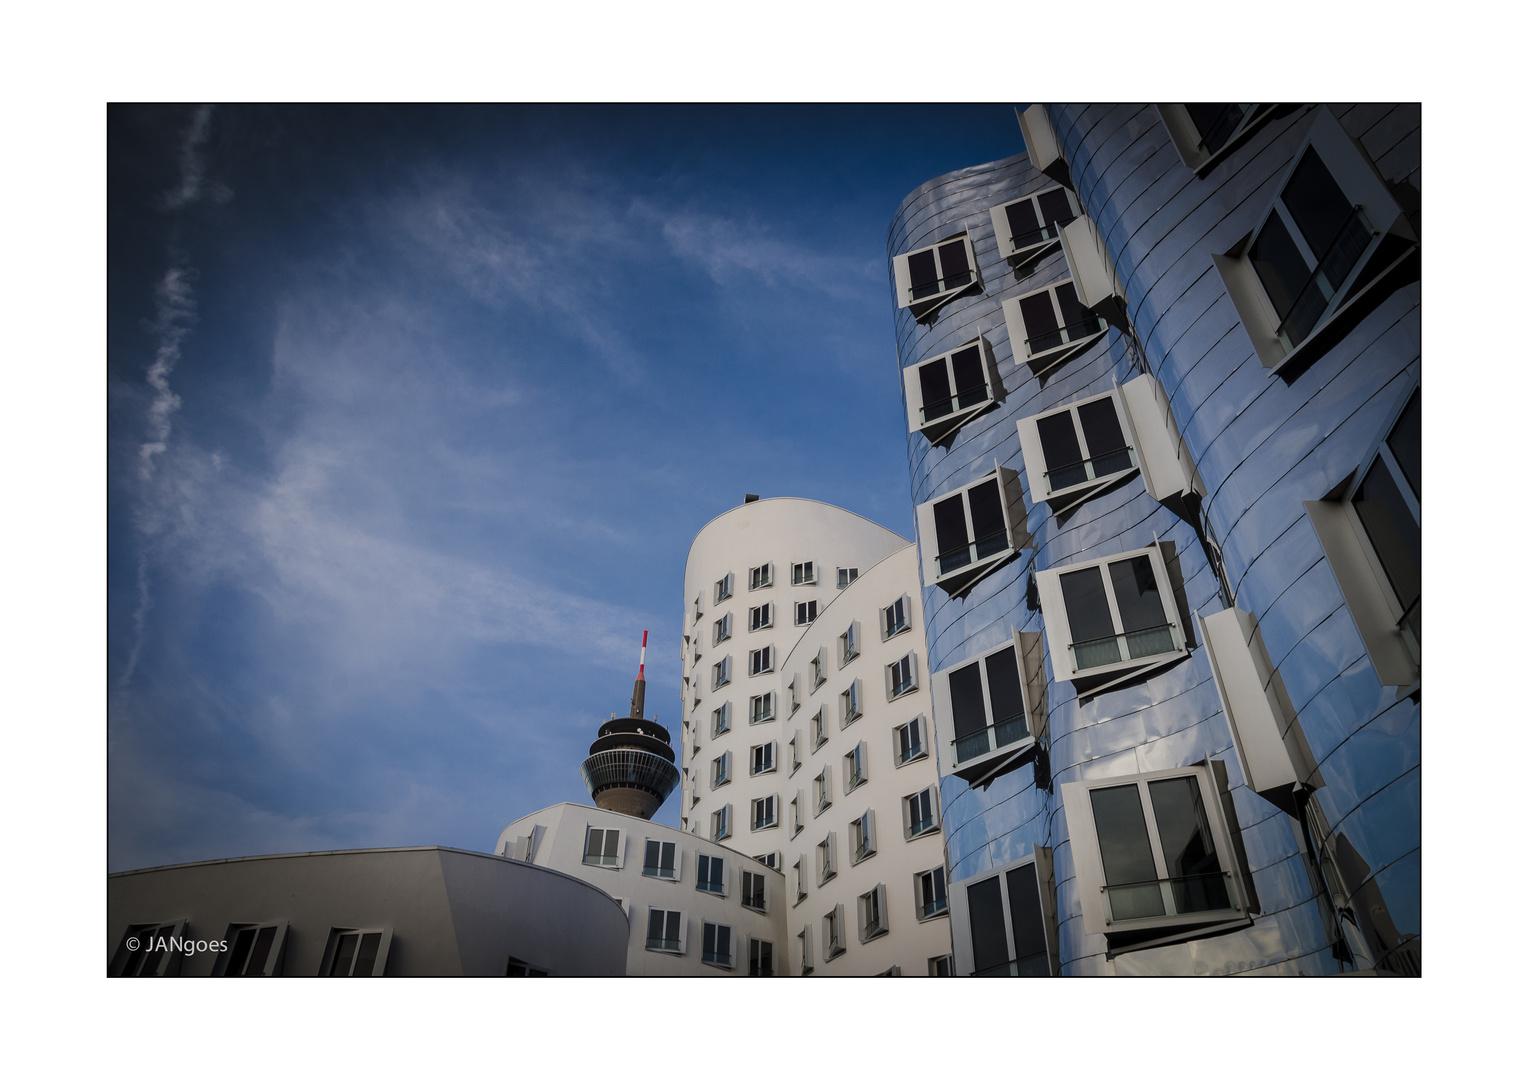 Düsseldorf 001 - Gehrybauten mit Turm